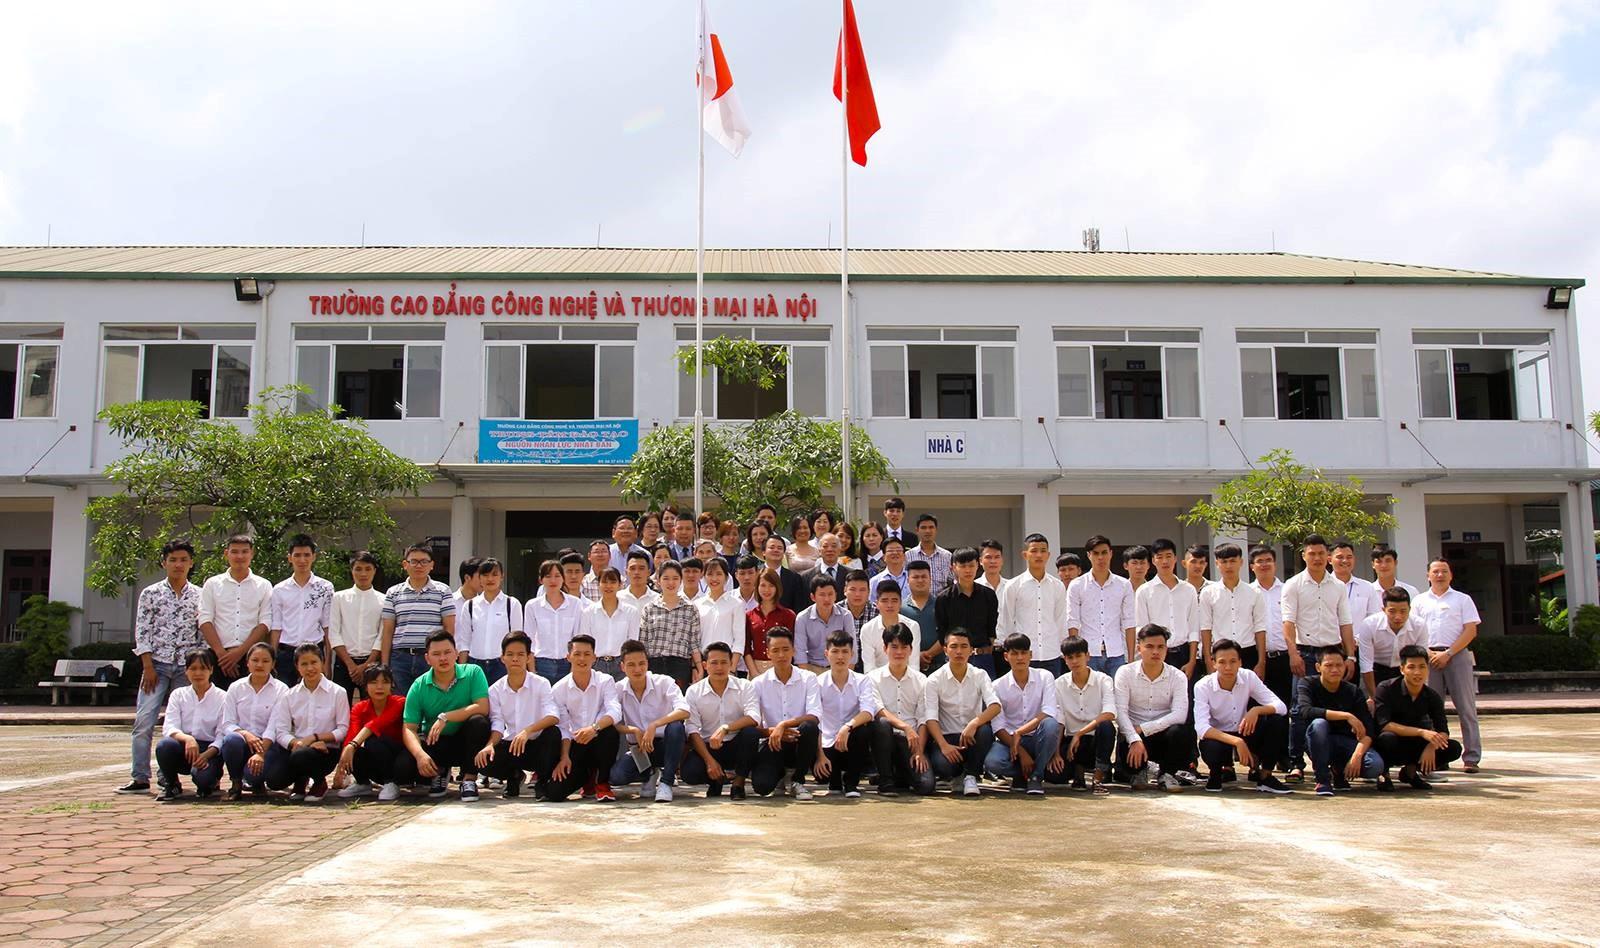 Toàn thể các em sinh viên, các thầy cô giáo của Khoa và Nhà trường trong Lễ Khai giảng